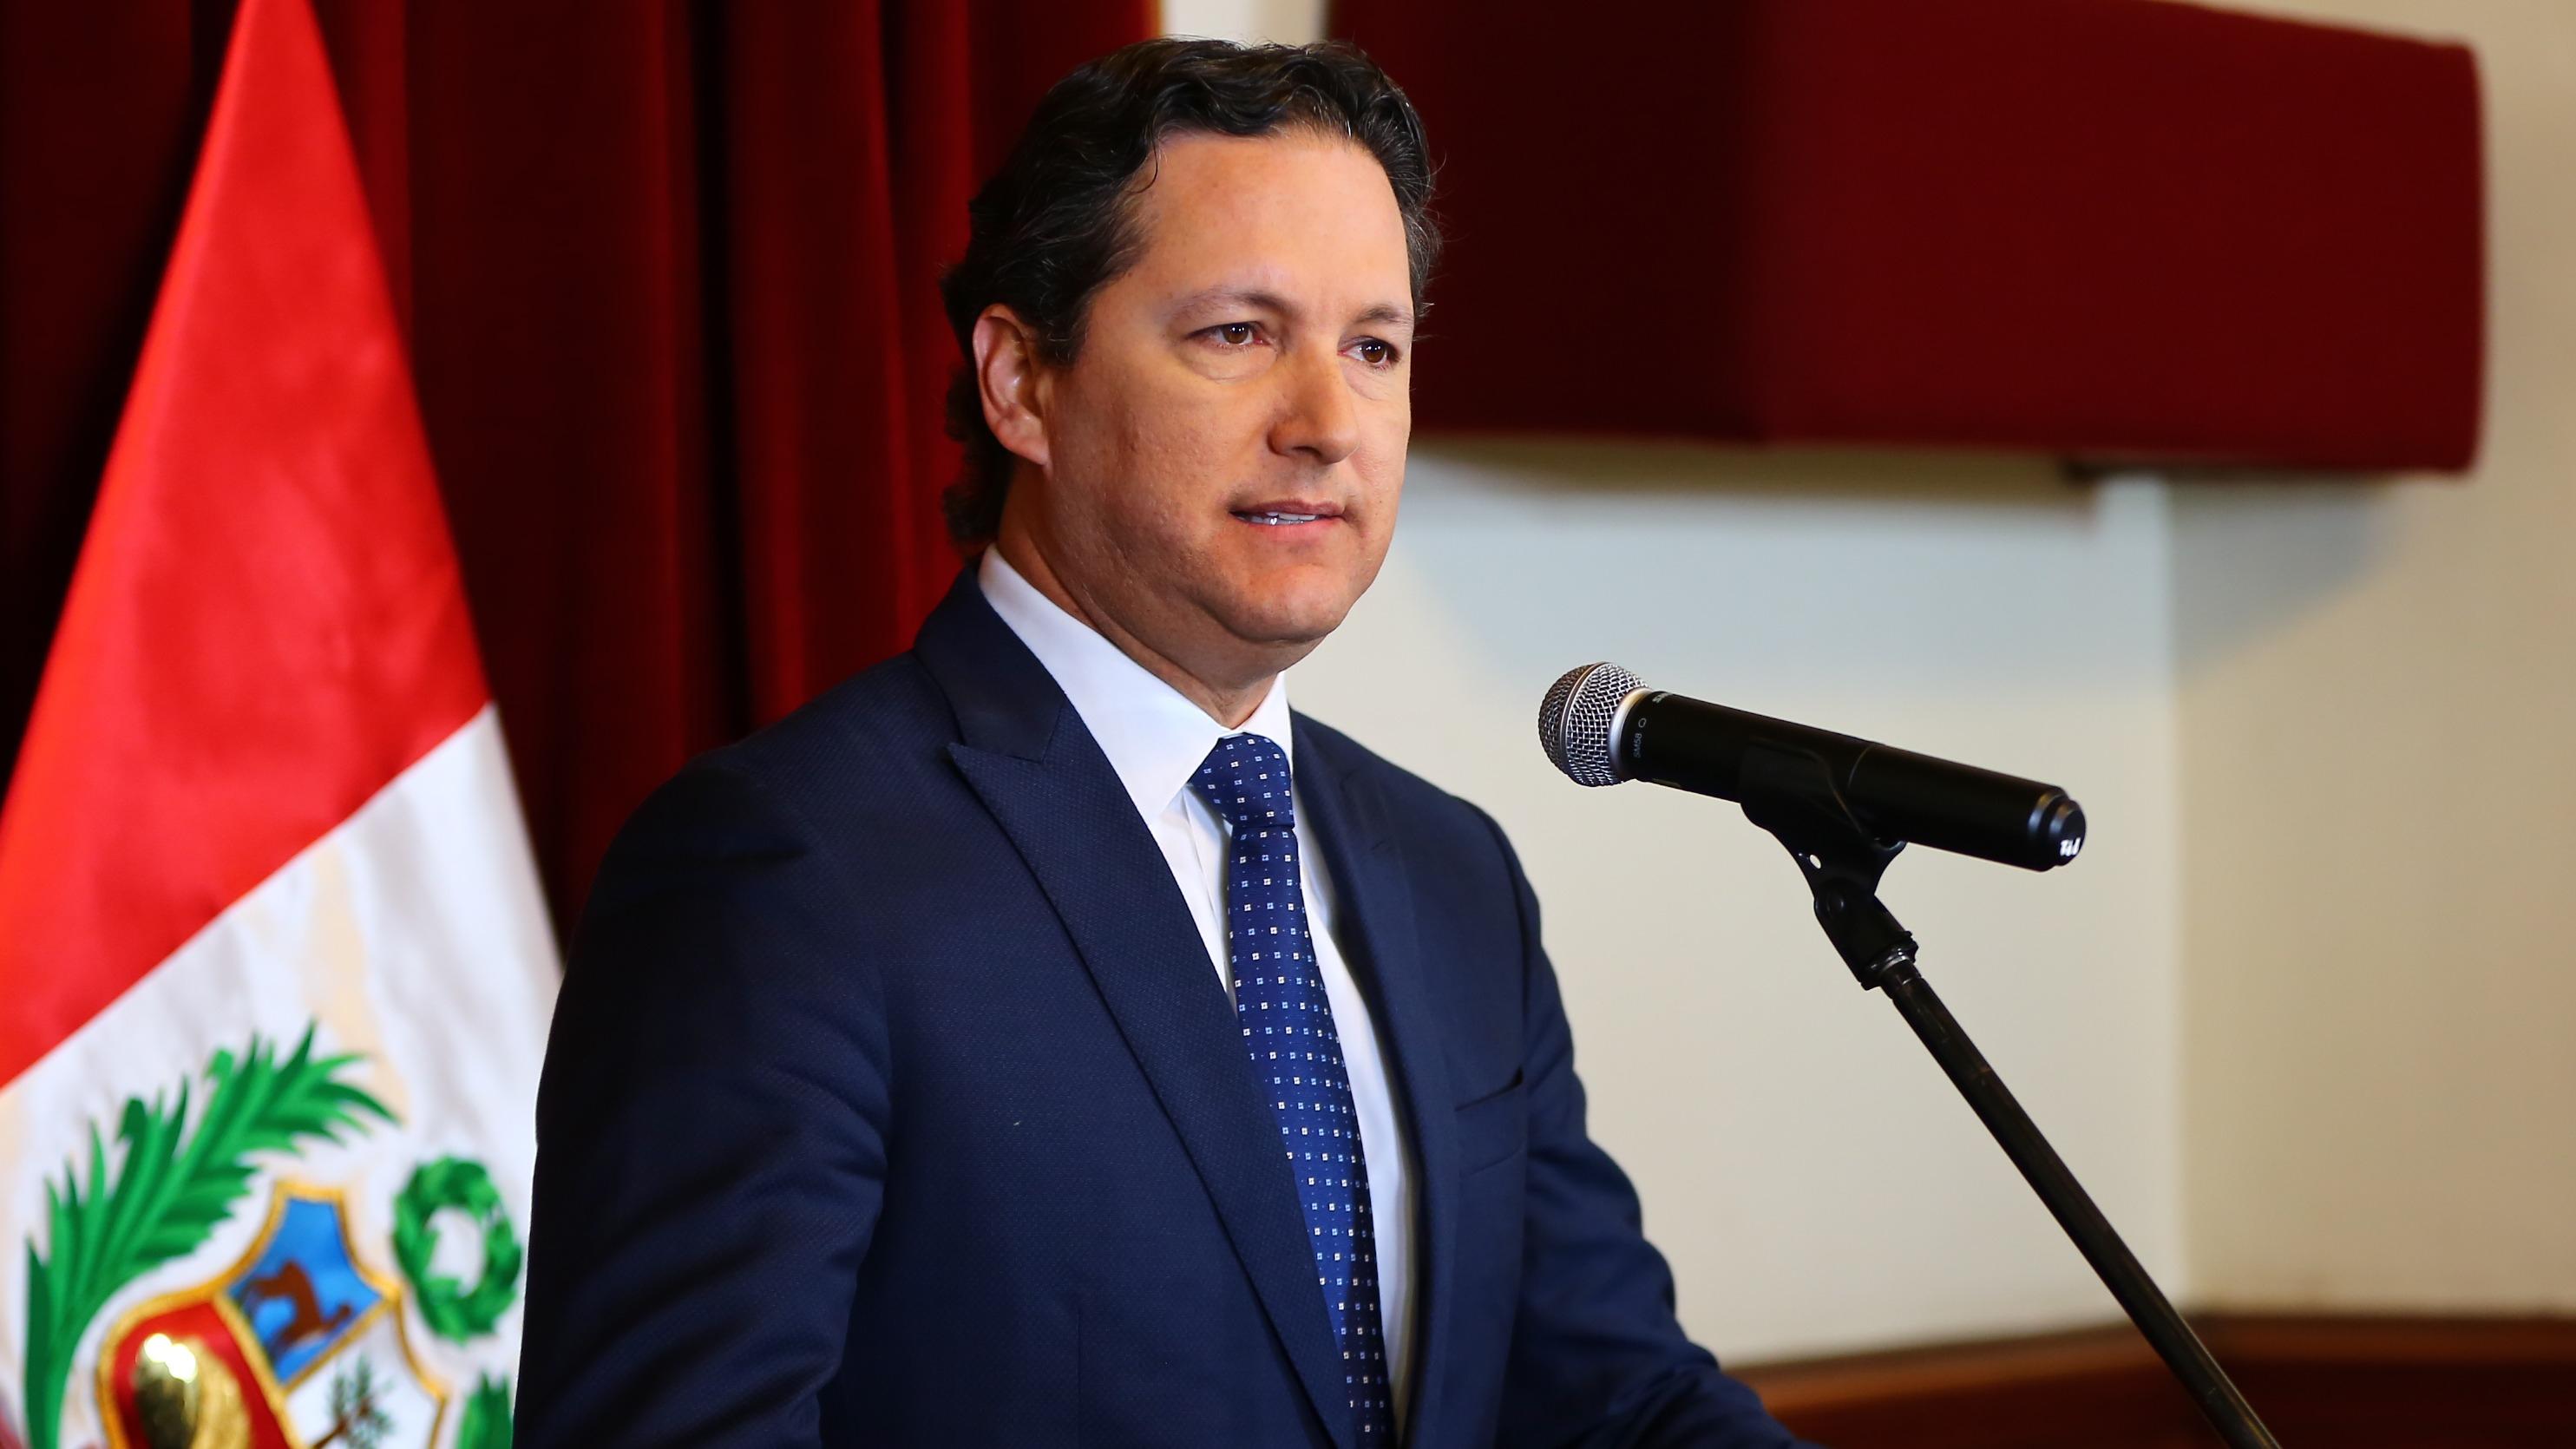 El presidente de la Mesa Directiva condenó la corrupción en el Perú.